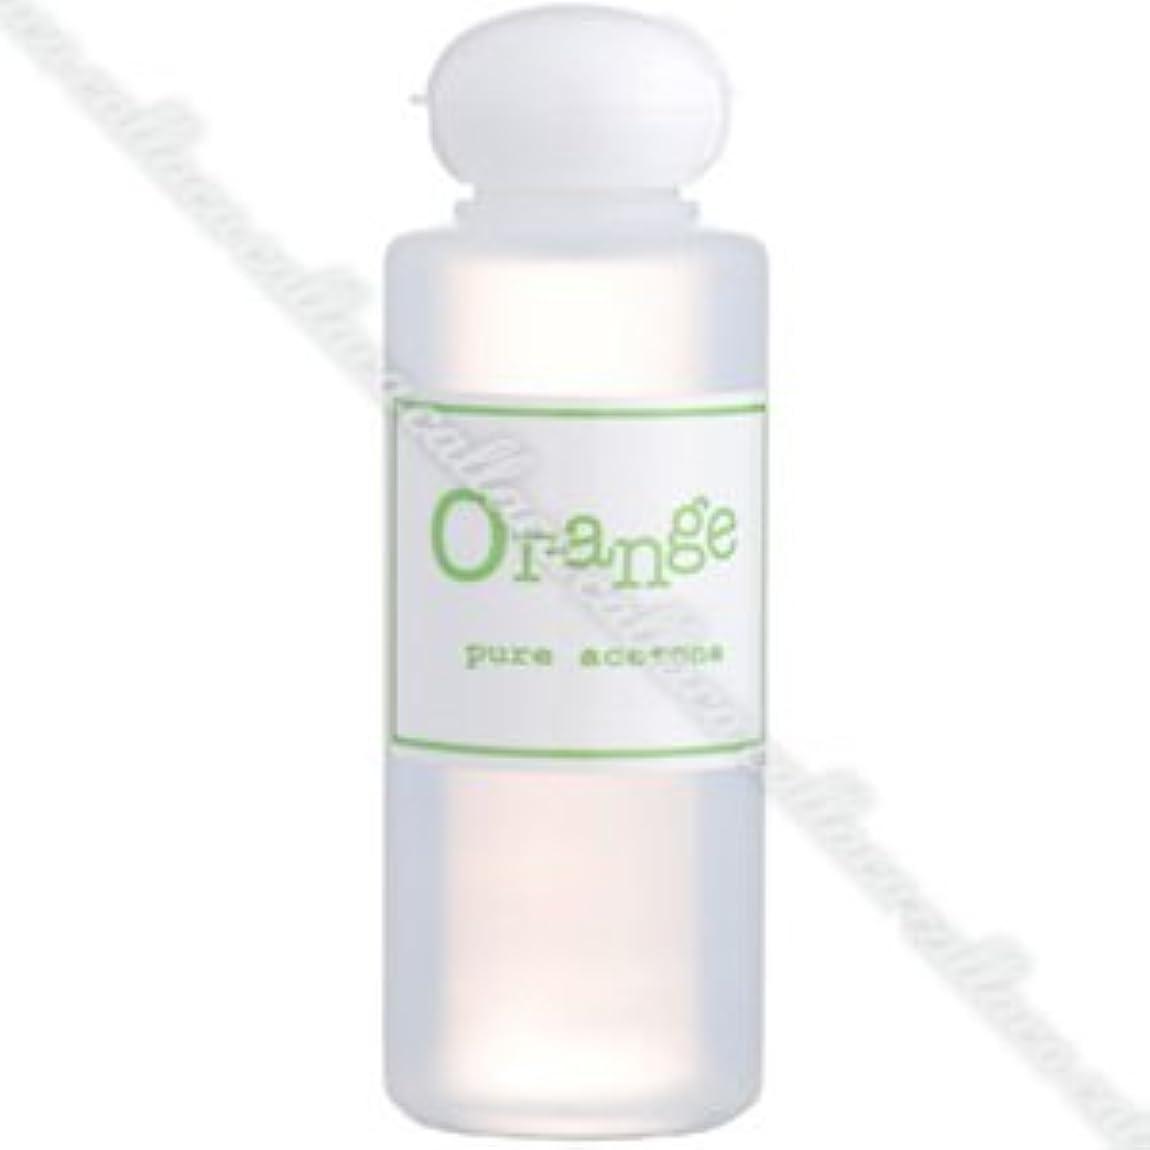 ORANGE(オレンジ)アセトン135ml